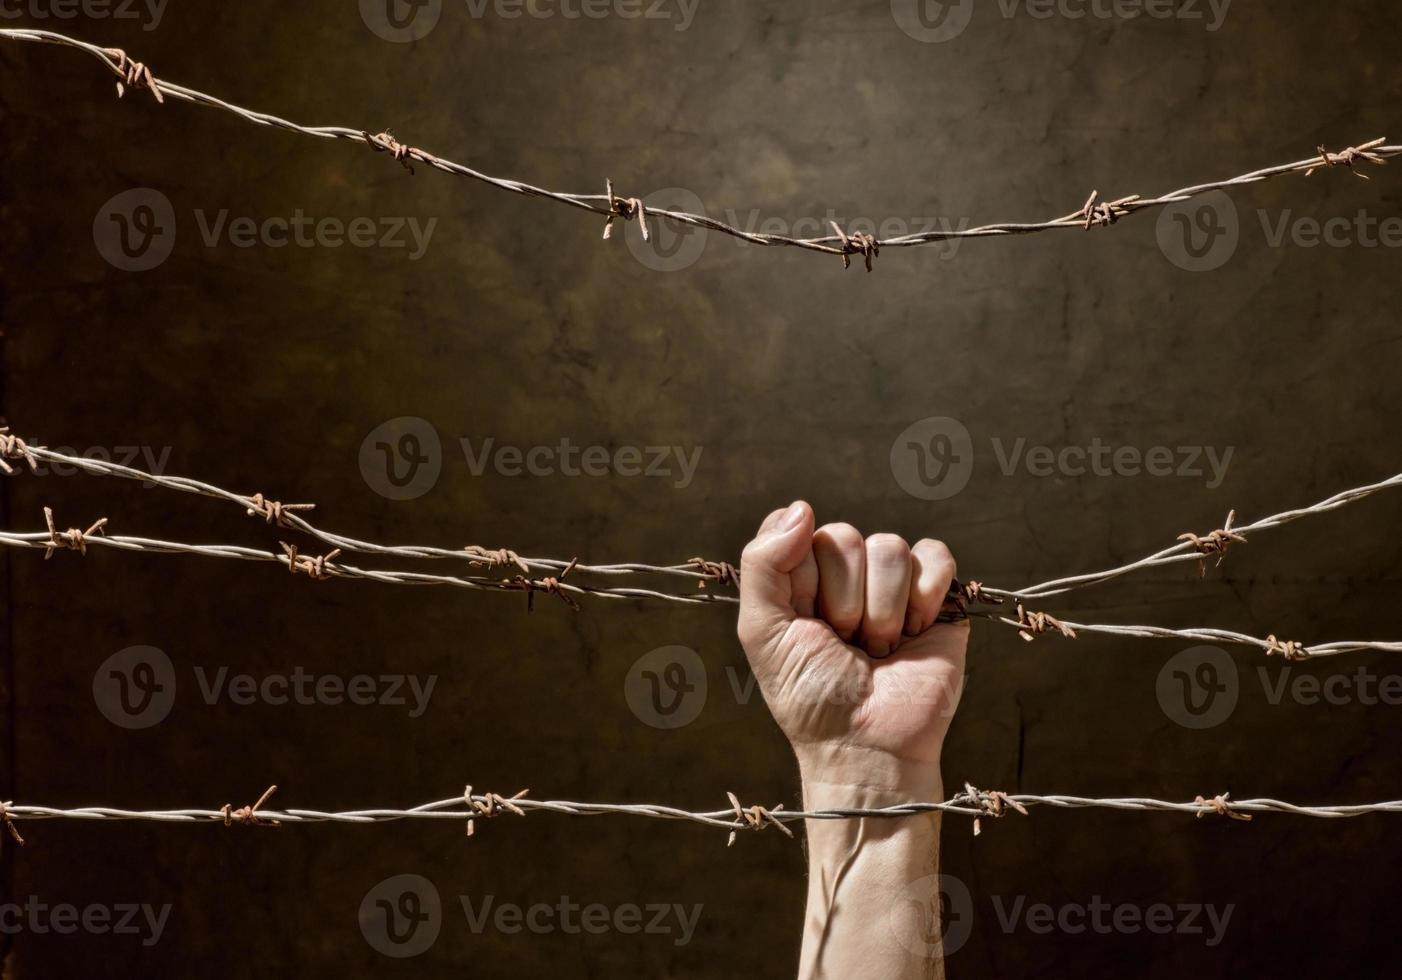 mano dietro il filo spinato foto